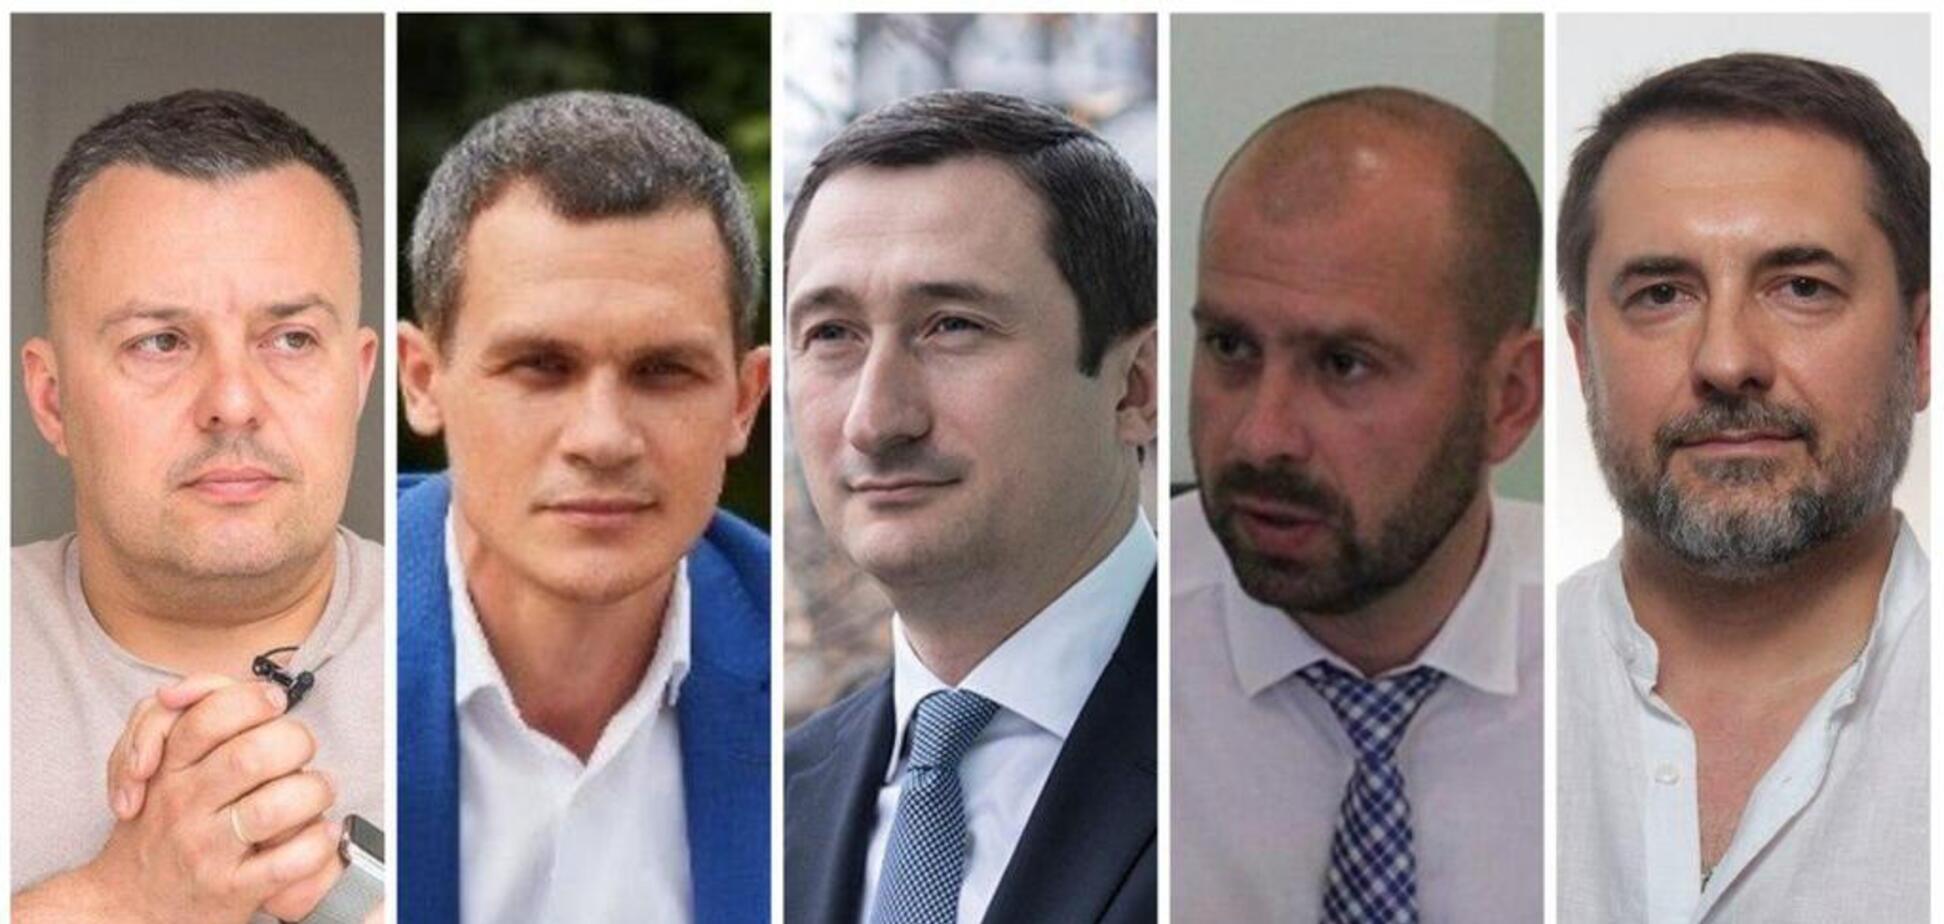 Кабмин выбрал 5 глав ОГА: кто эти люди. Биография и фото